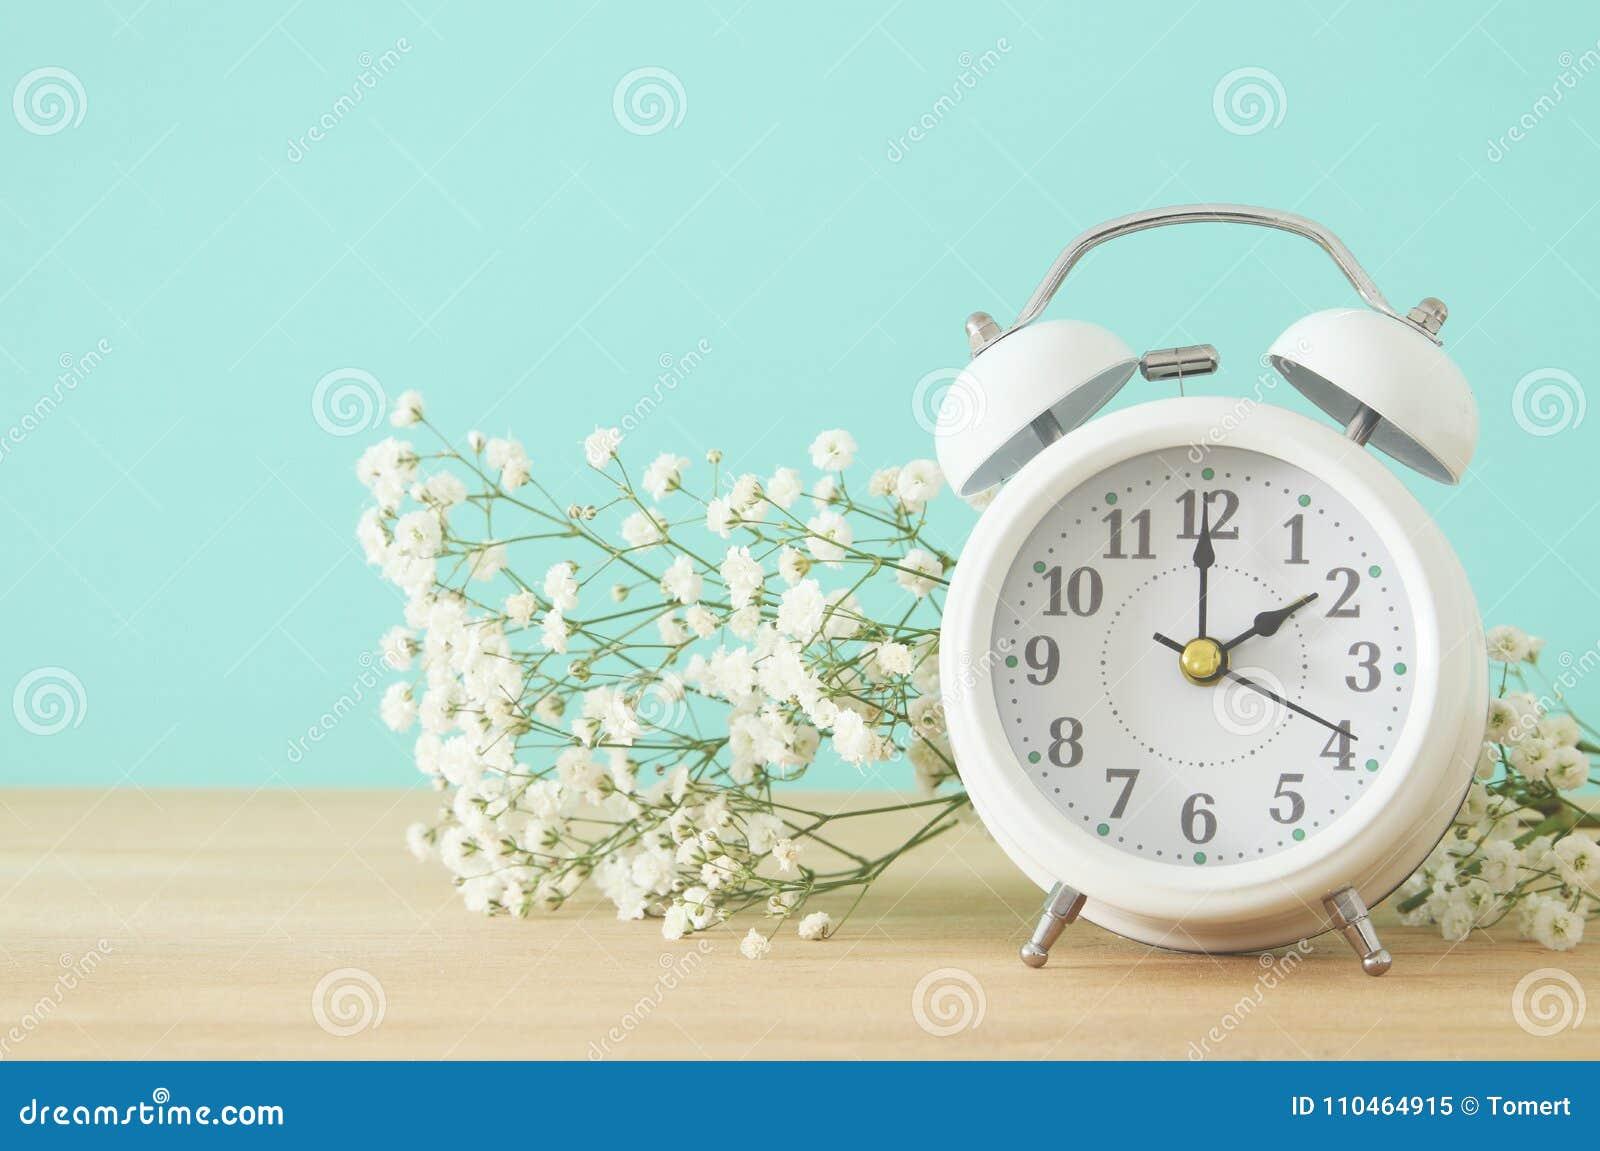 Image of spring Time Change. Summer back concept. Vintage alarm Clock over wooden table.